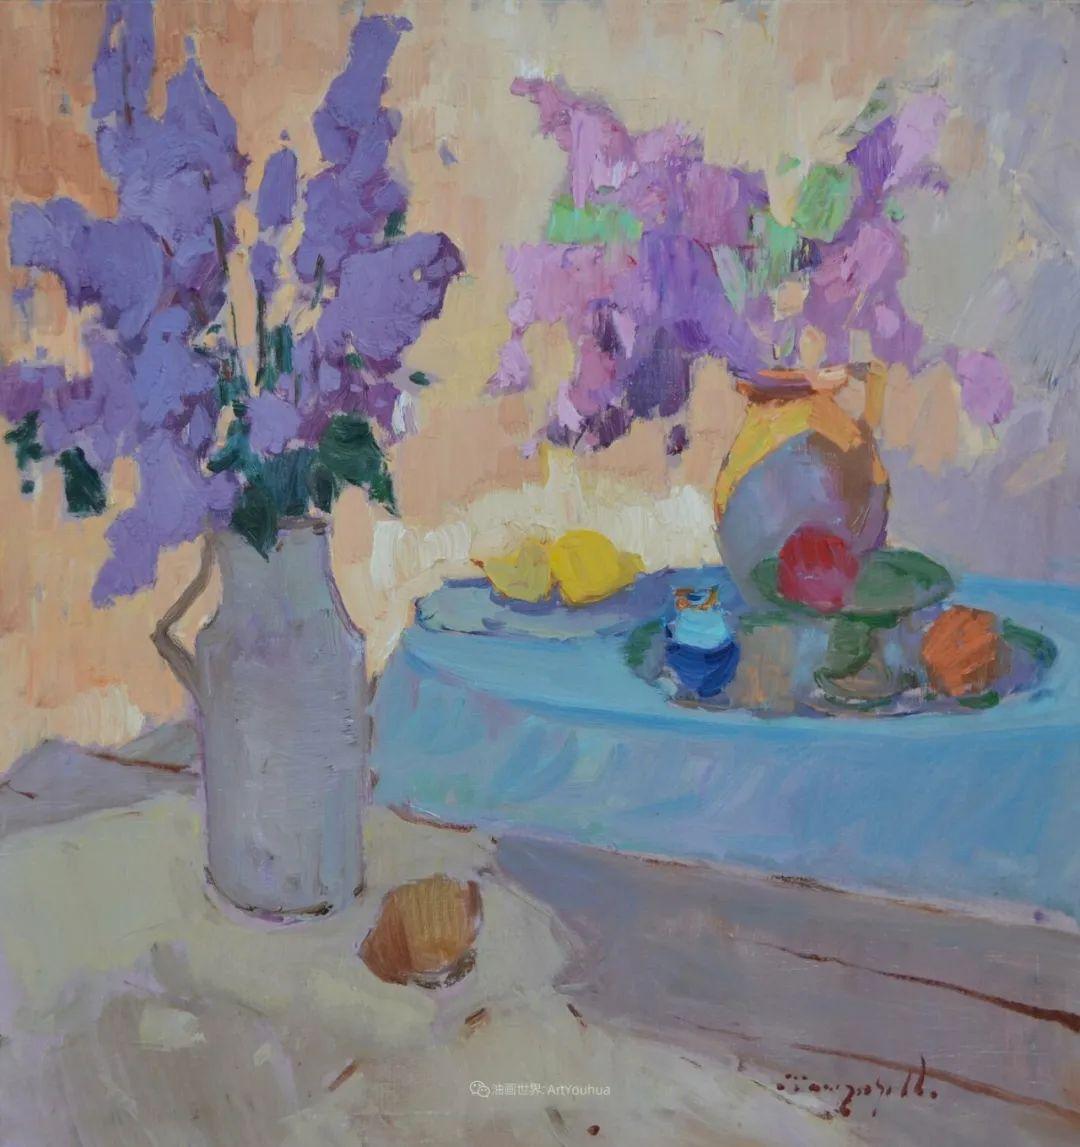 冷暖的色彩碰撞,迷人的静物与花卉作品!插图53